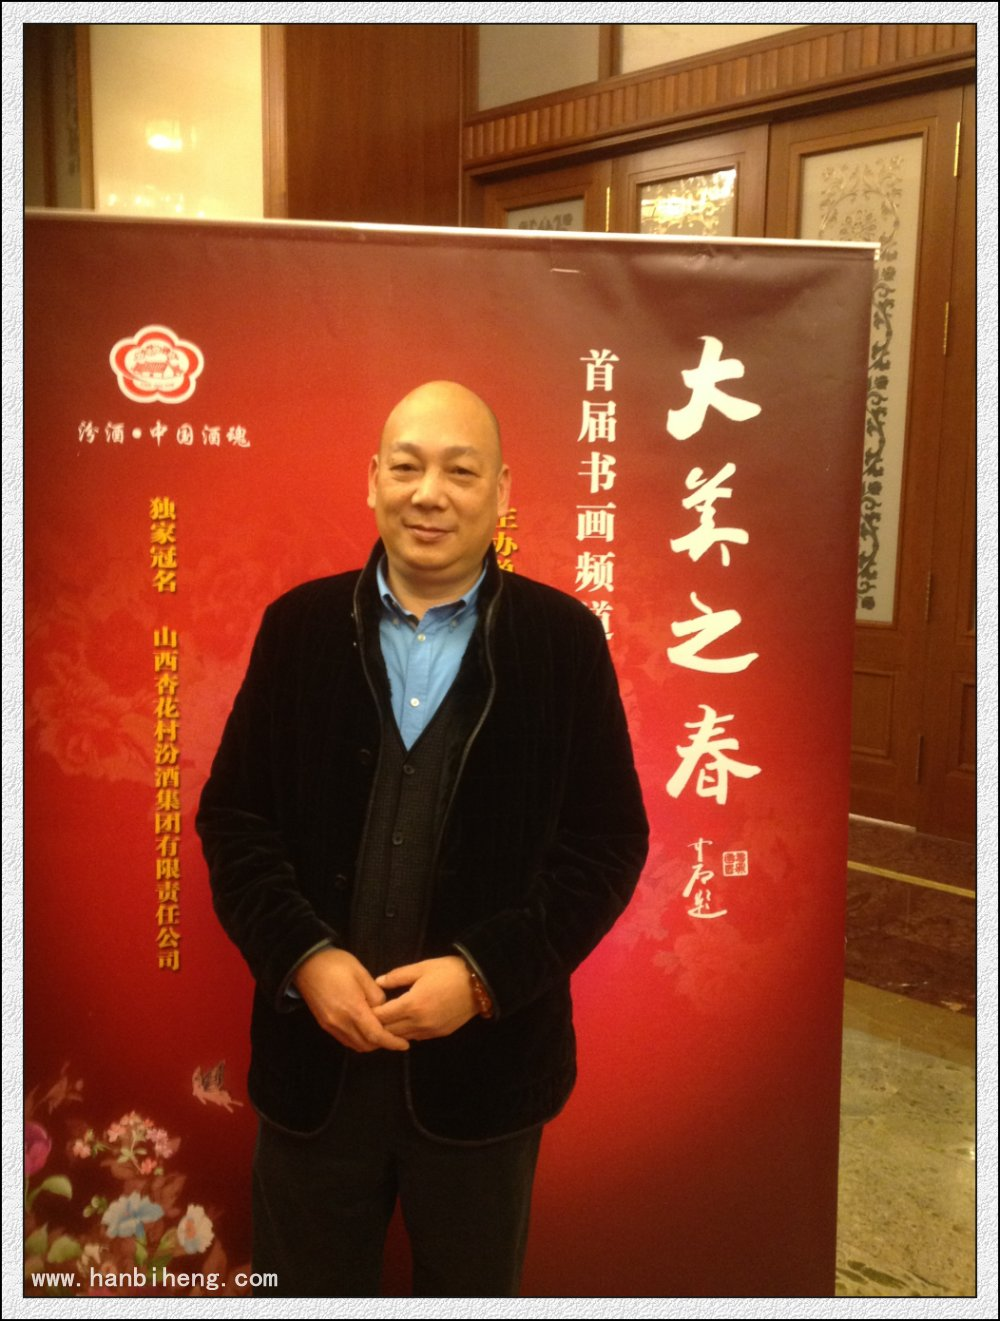 中国梦-民族文化弘扬时 测试